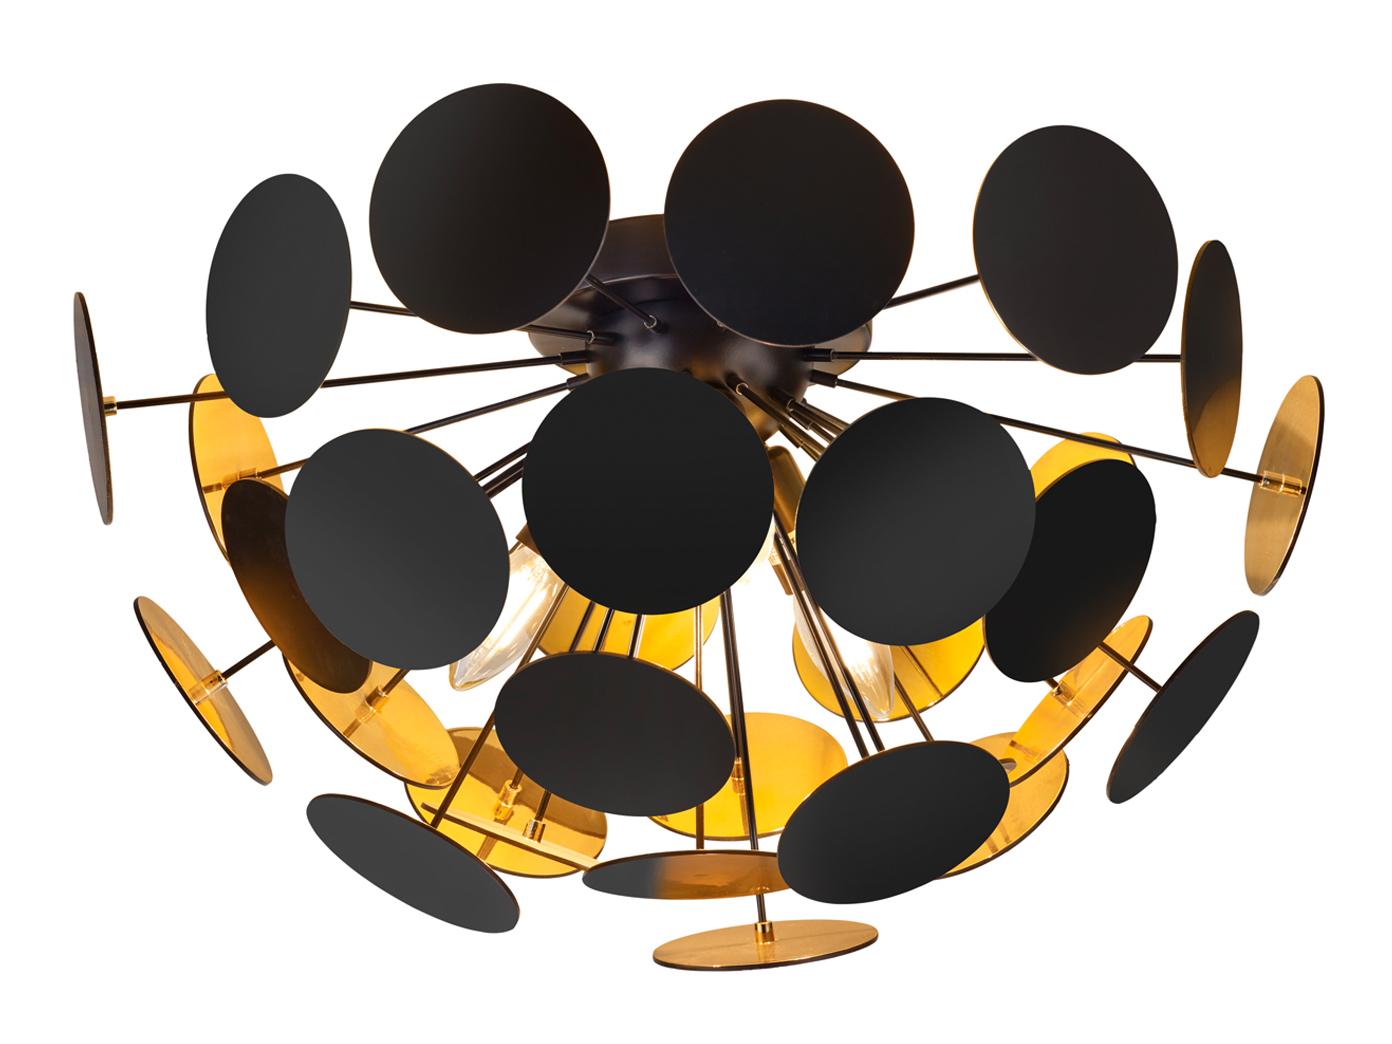 Edle LED Deckenleuchte Lampenschirm Schwarz matt / Gold Ø 7cm -  Wohnzimmerlampe - yatego.com